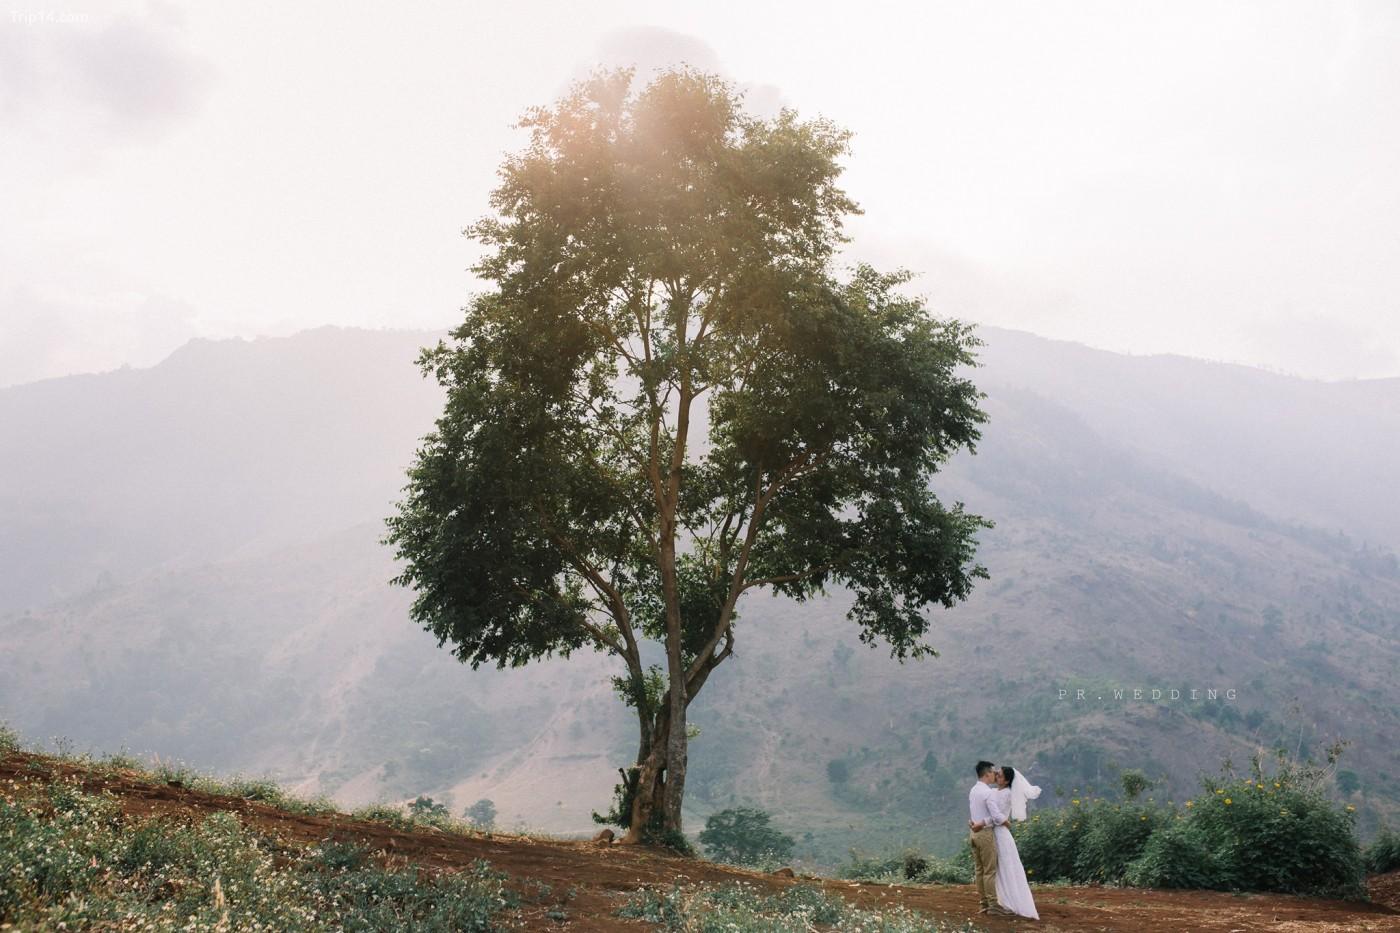 Một cái cây cô đơn khác bị đem ra làm nền cho cặp đôi khác